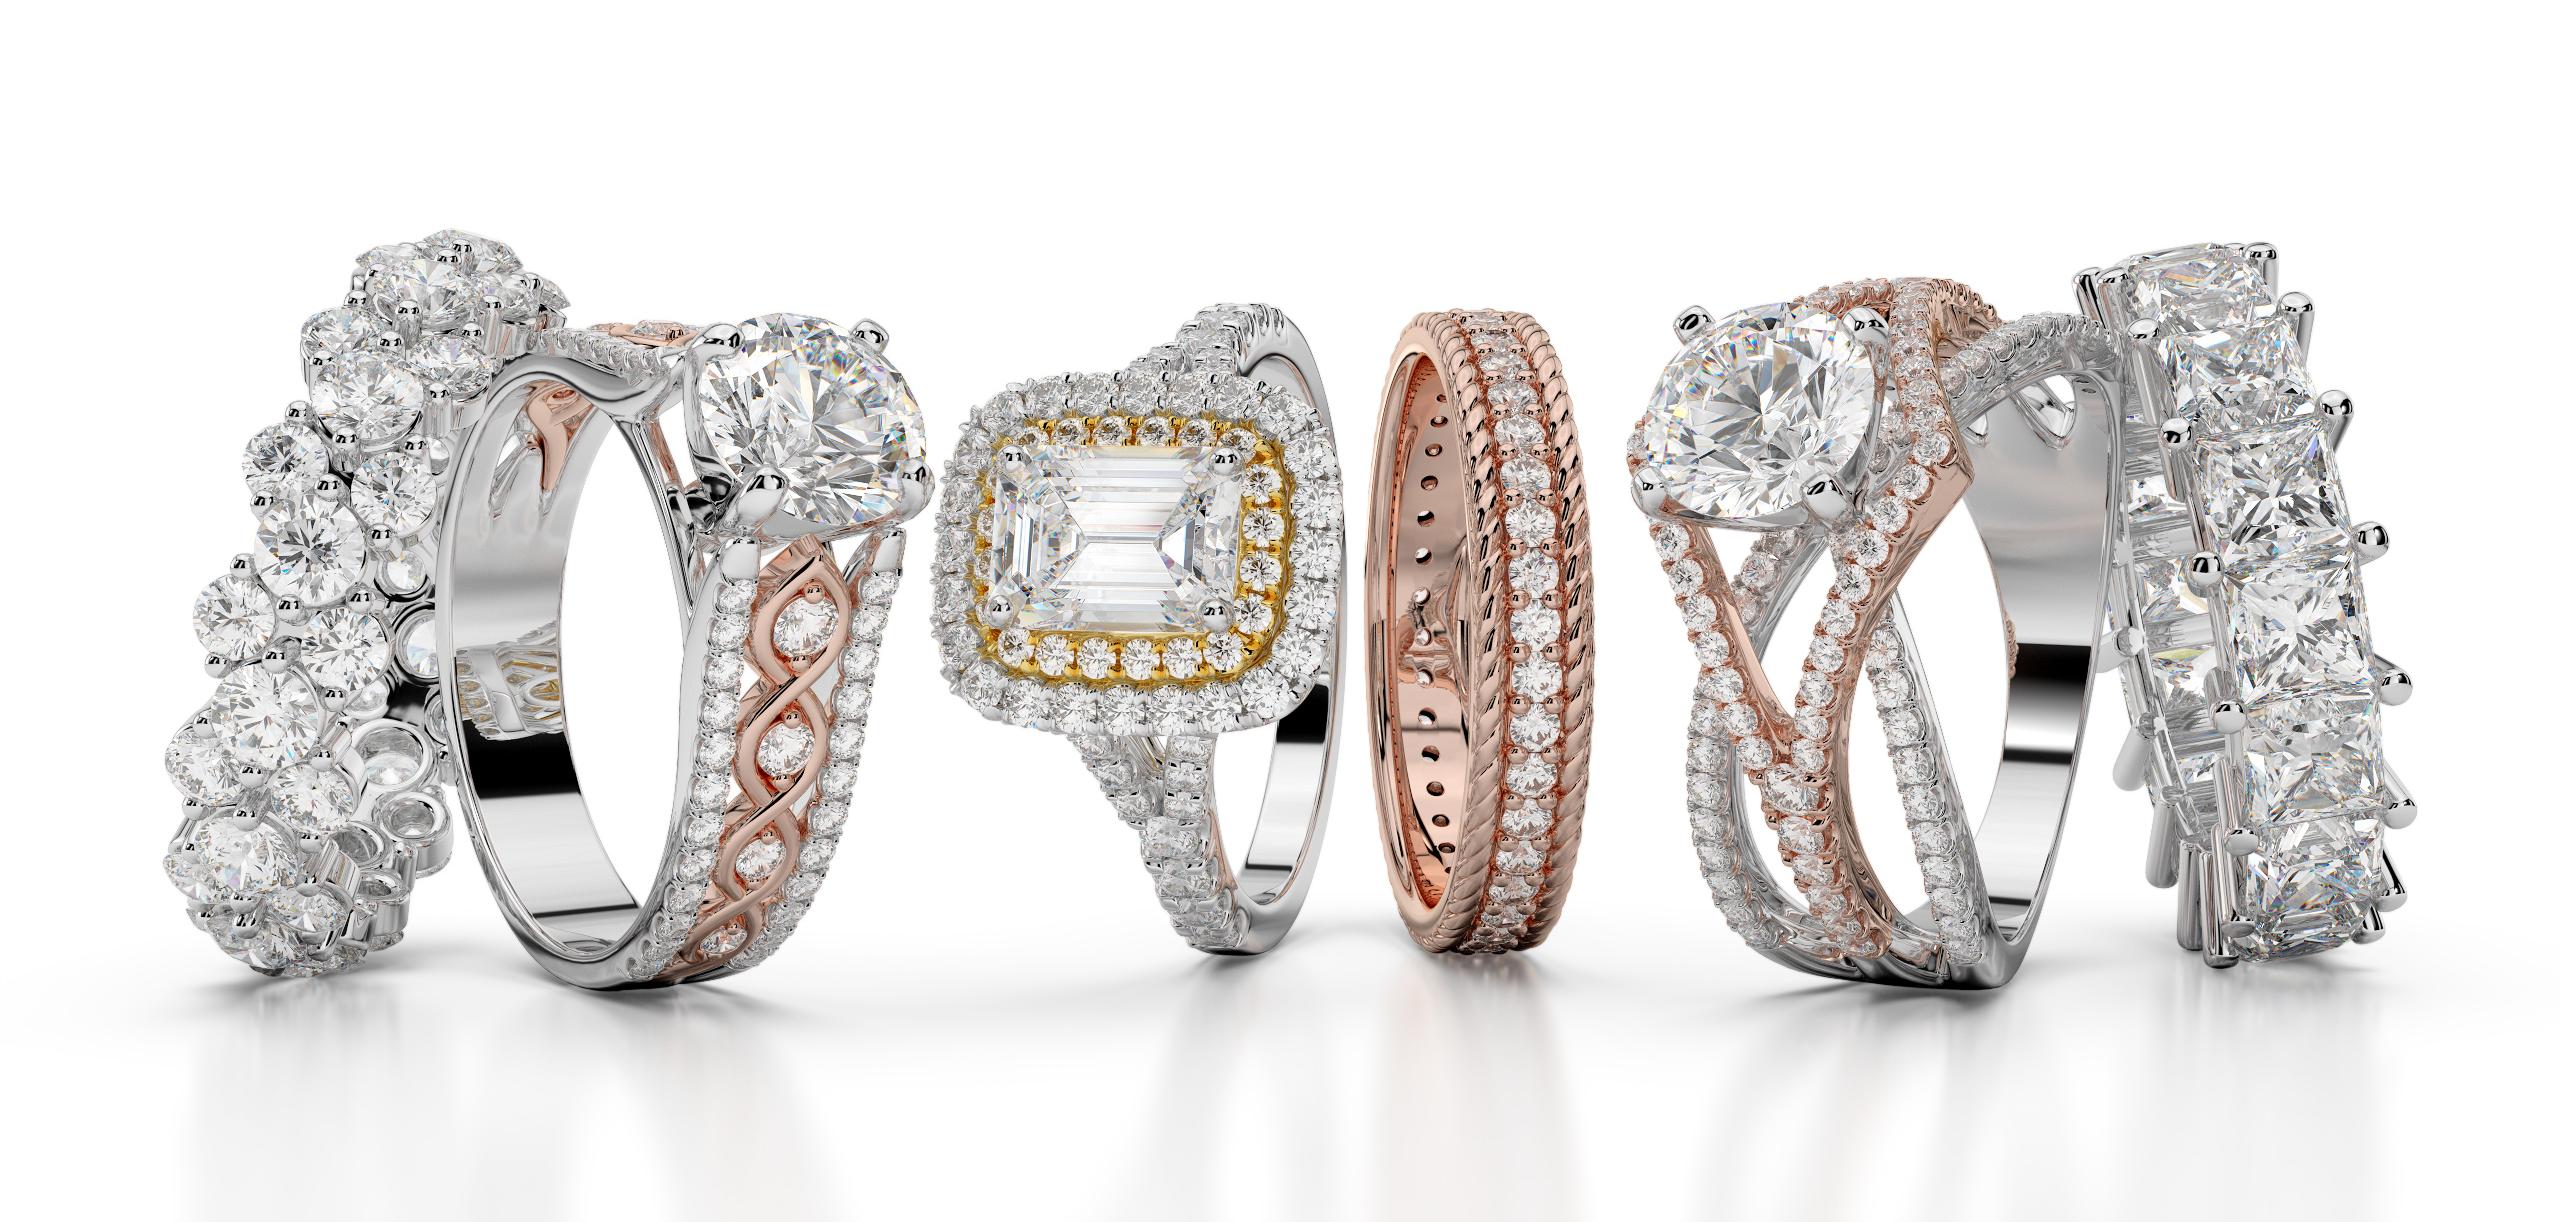 Slide 1: Rings